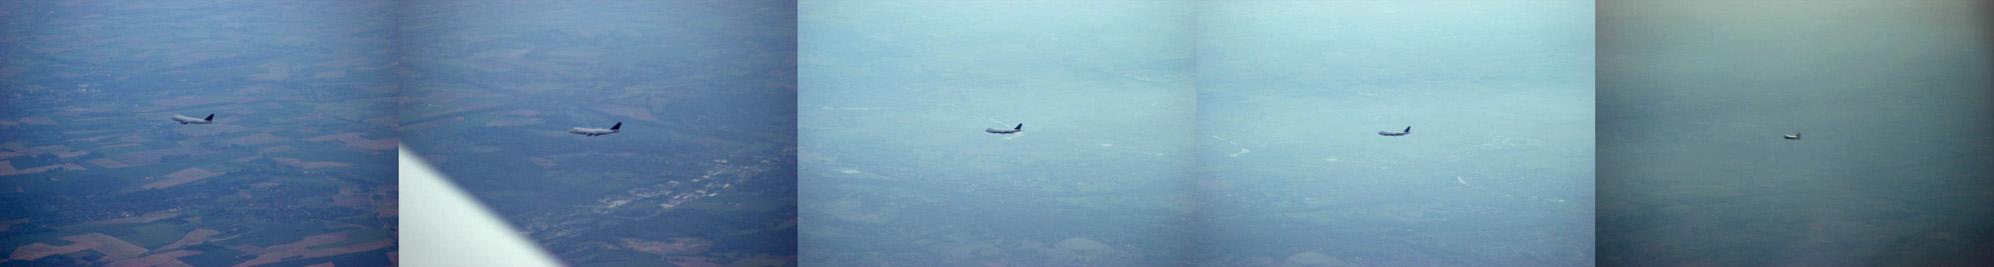 Saudi Cargo 747 passing 1000 ft below